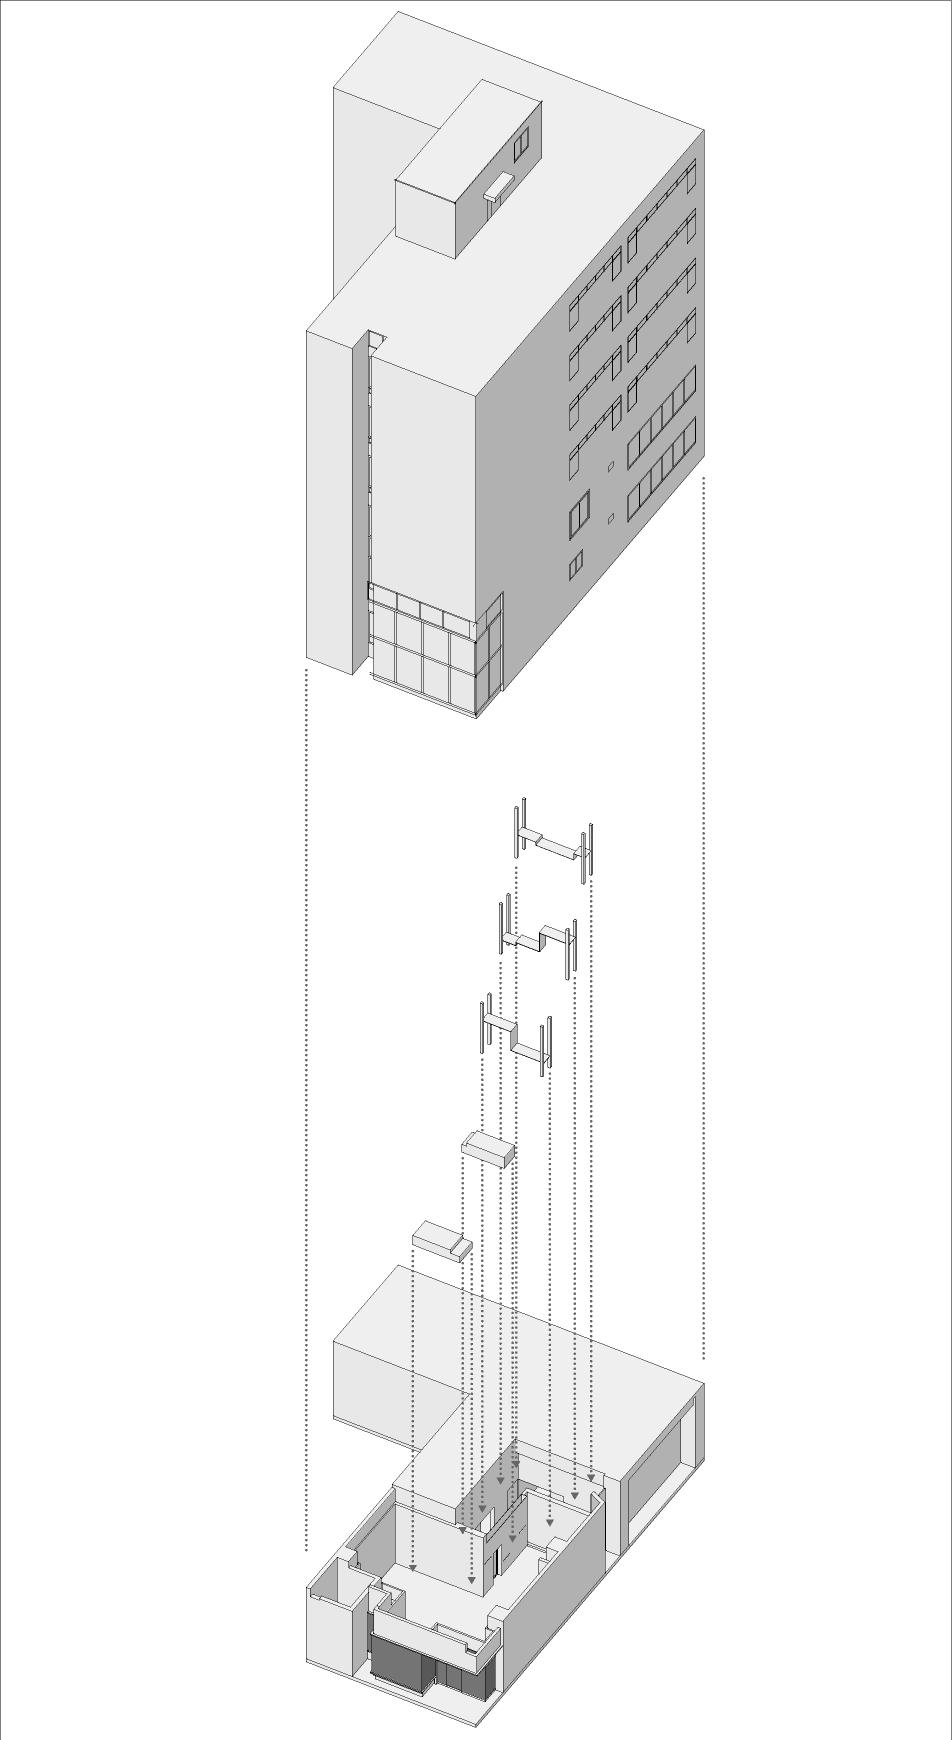 Structure Diagram with whole building Ryuichi Sasaki/Sasaki Architecture + Rieko Okumura/Atelier O}